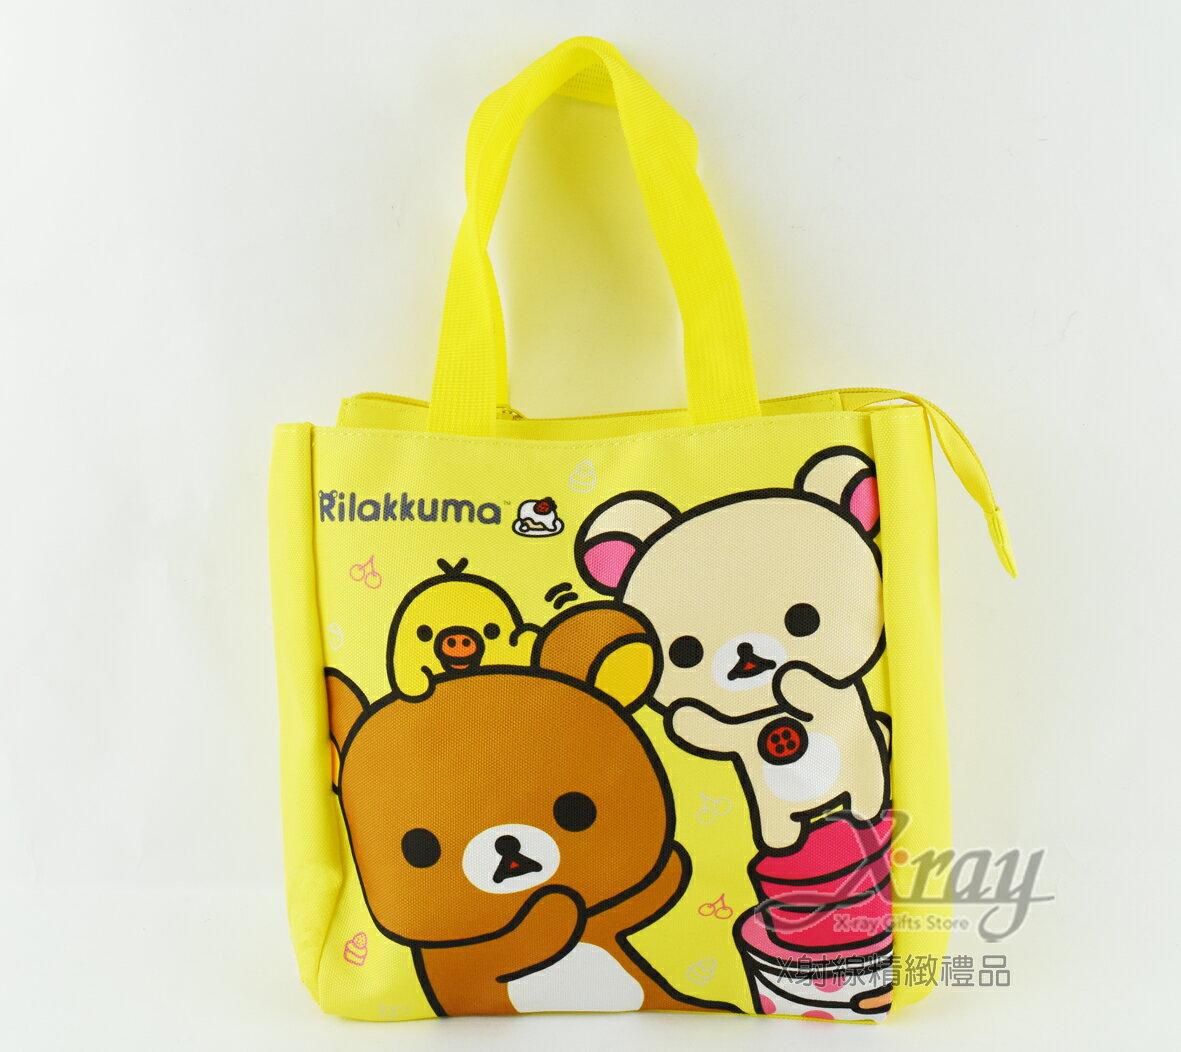 X射線【C206823】拉拉熊直式手提袋-草莓蛋糕(黃),書袋/購物袋/便當袋/手提袋/開學必備/補習袋